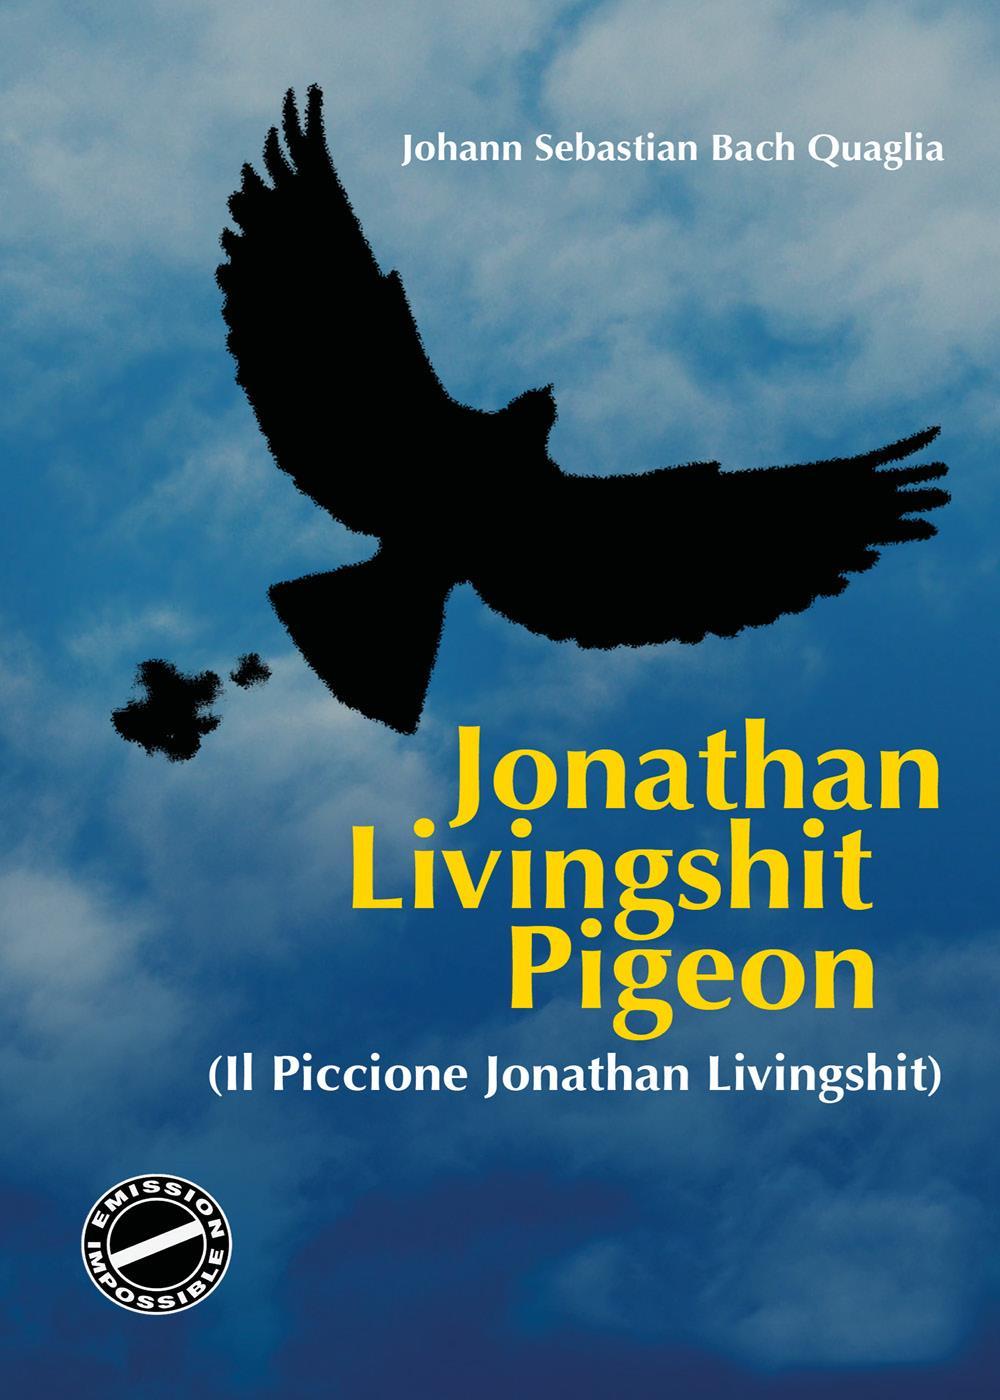 Il Piccione Jonathan Livingshit